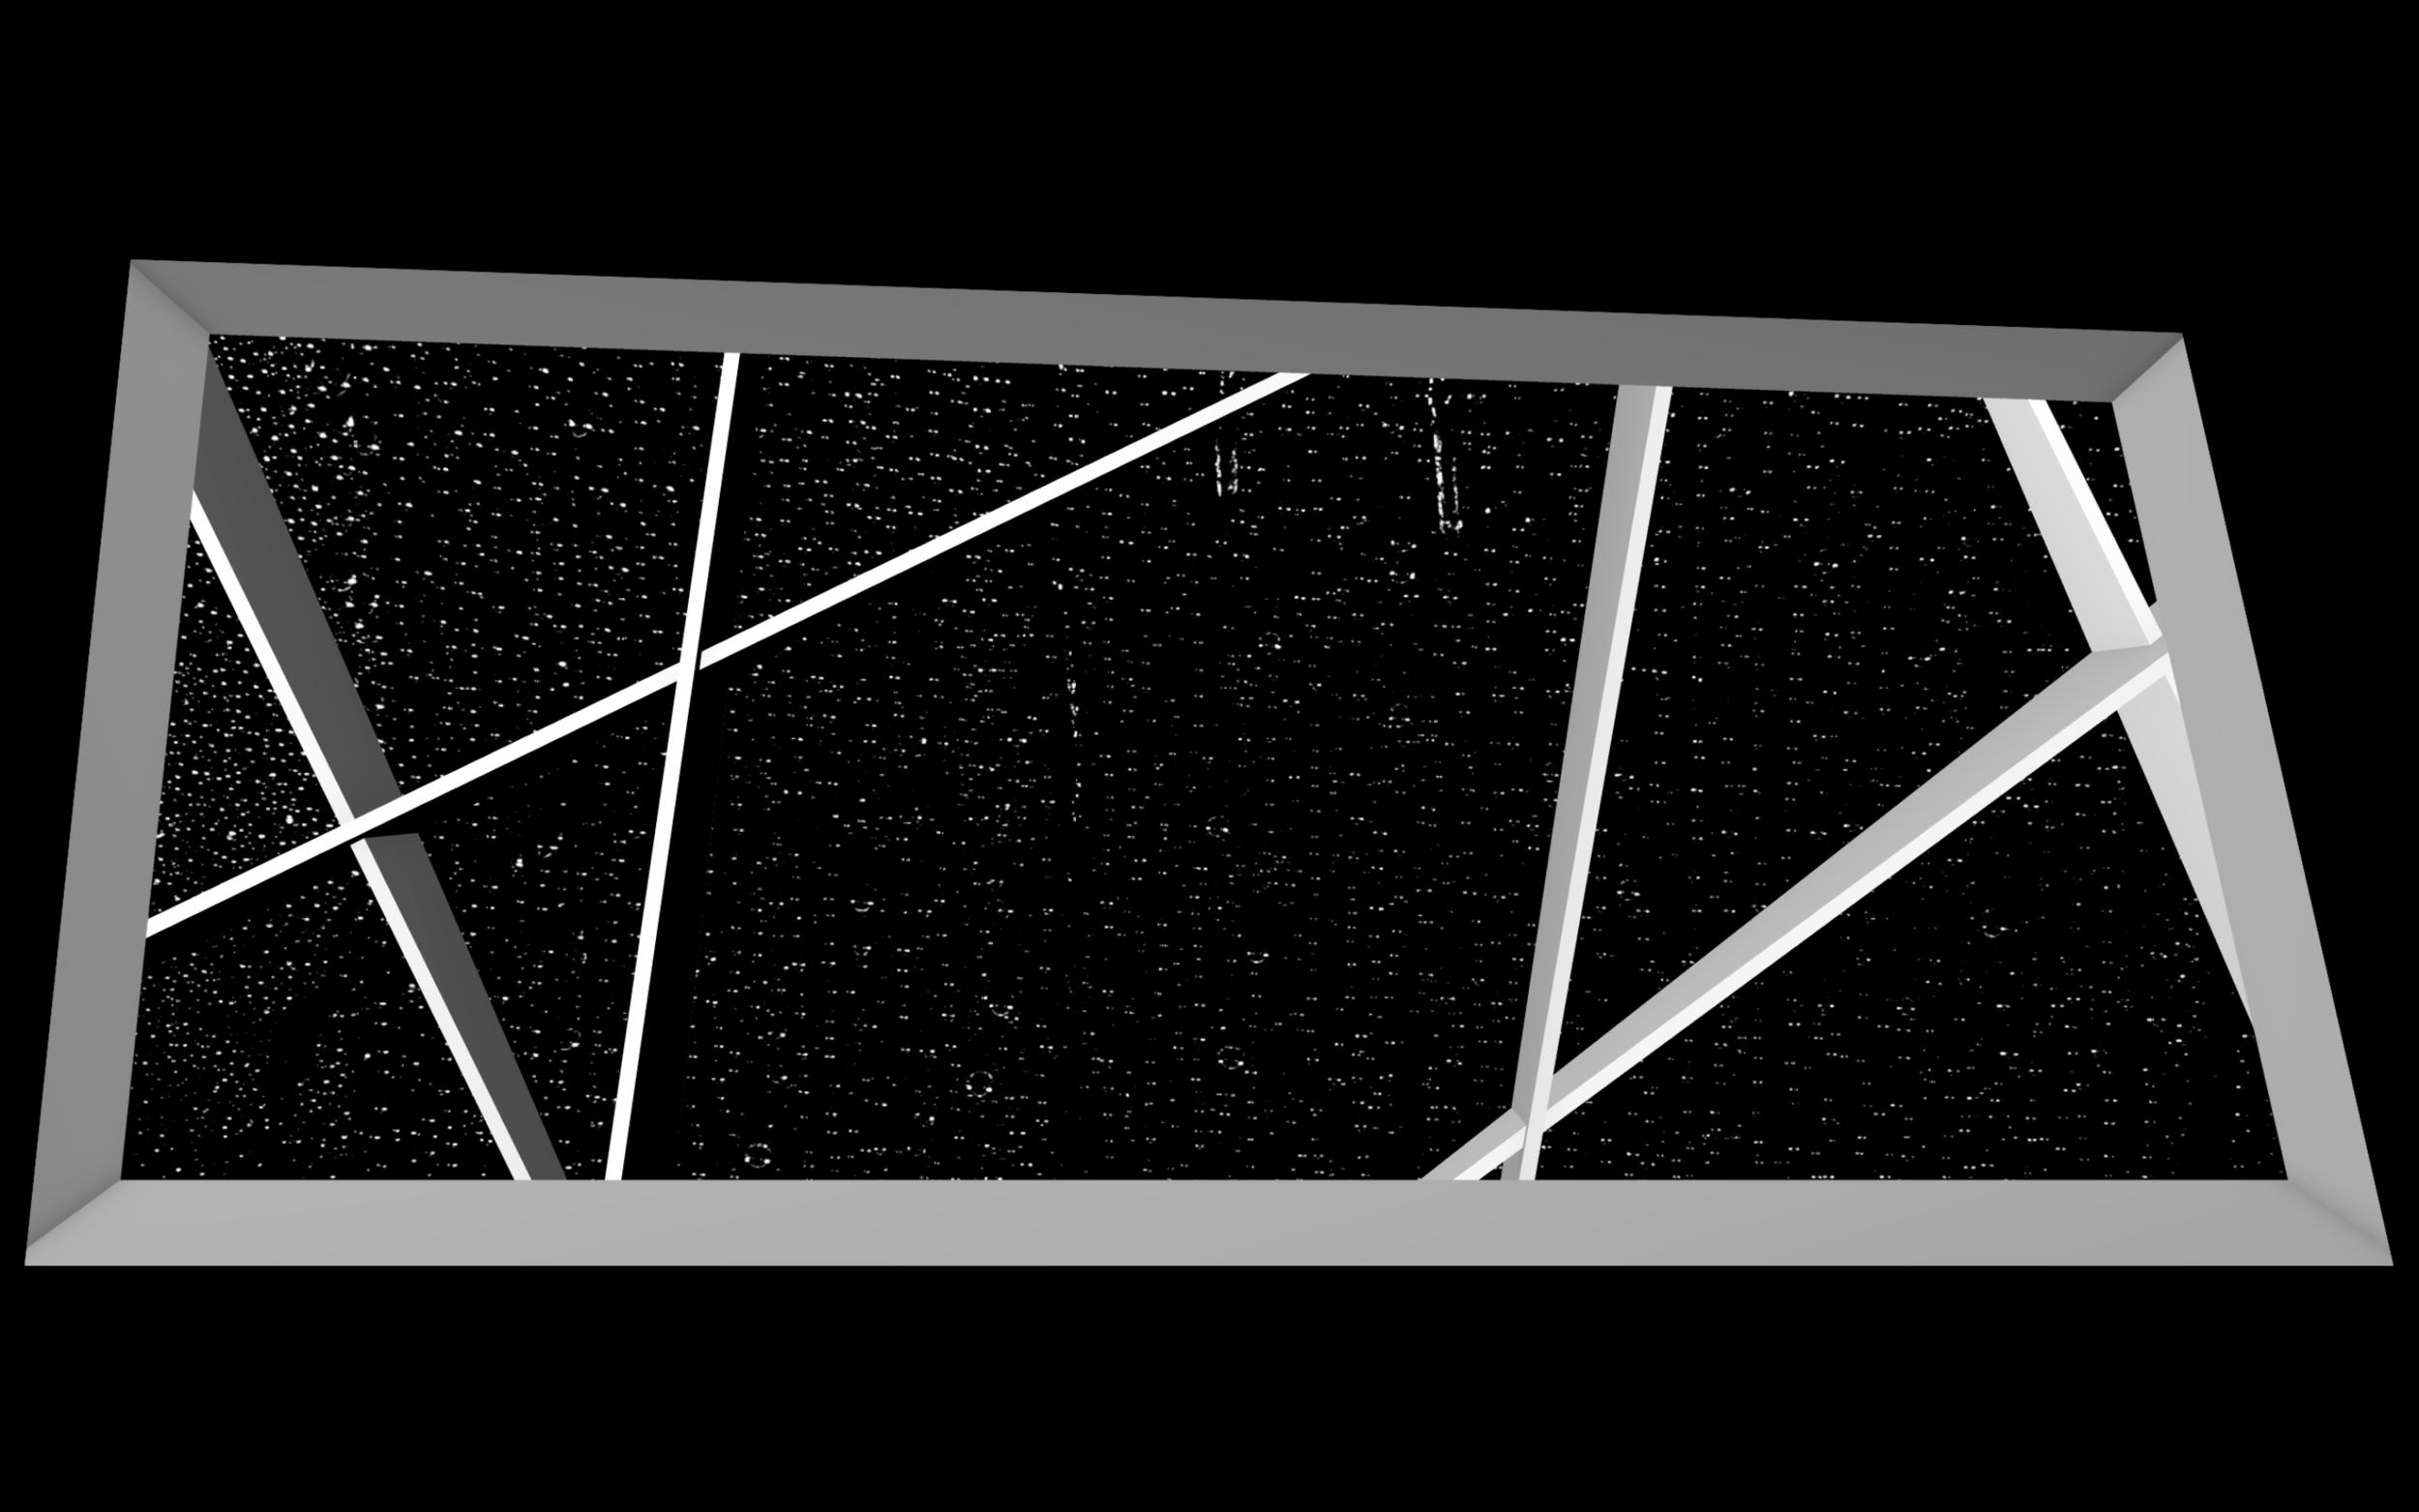 Screen Shot 2018-11-01 at 4.44.21 PM.png